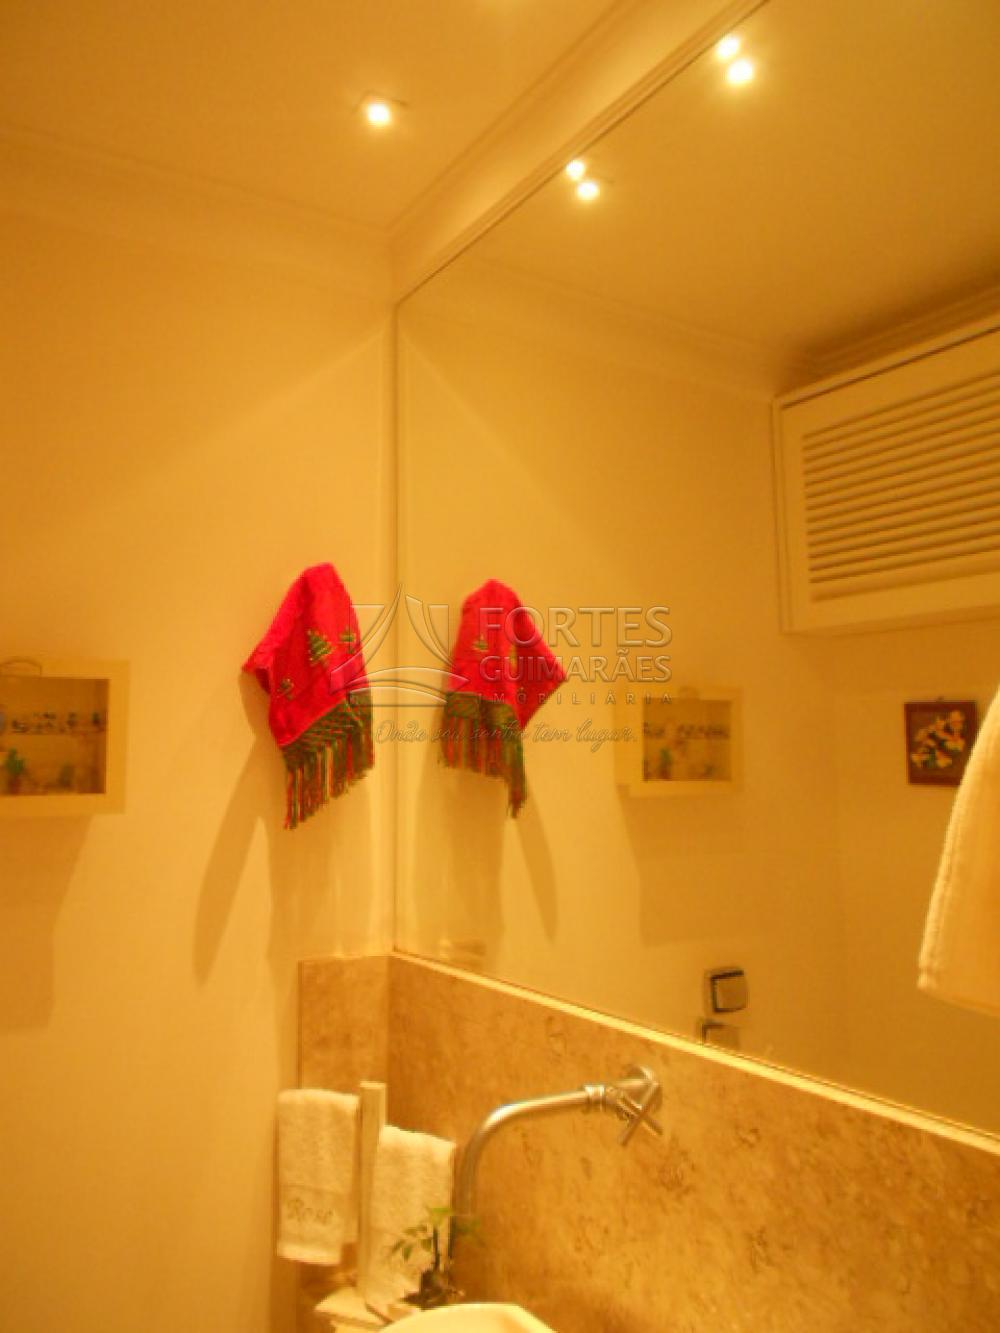 Alugar Apartamentos / Padrão em Ribeirão Preto apenas R$ 5.000,00 - Foto 22